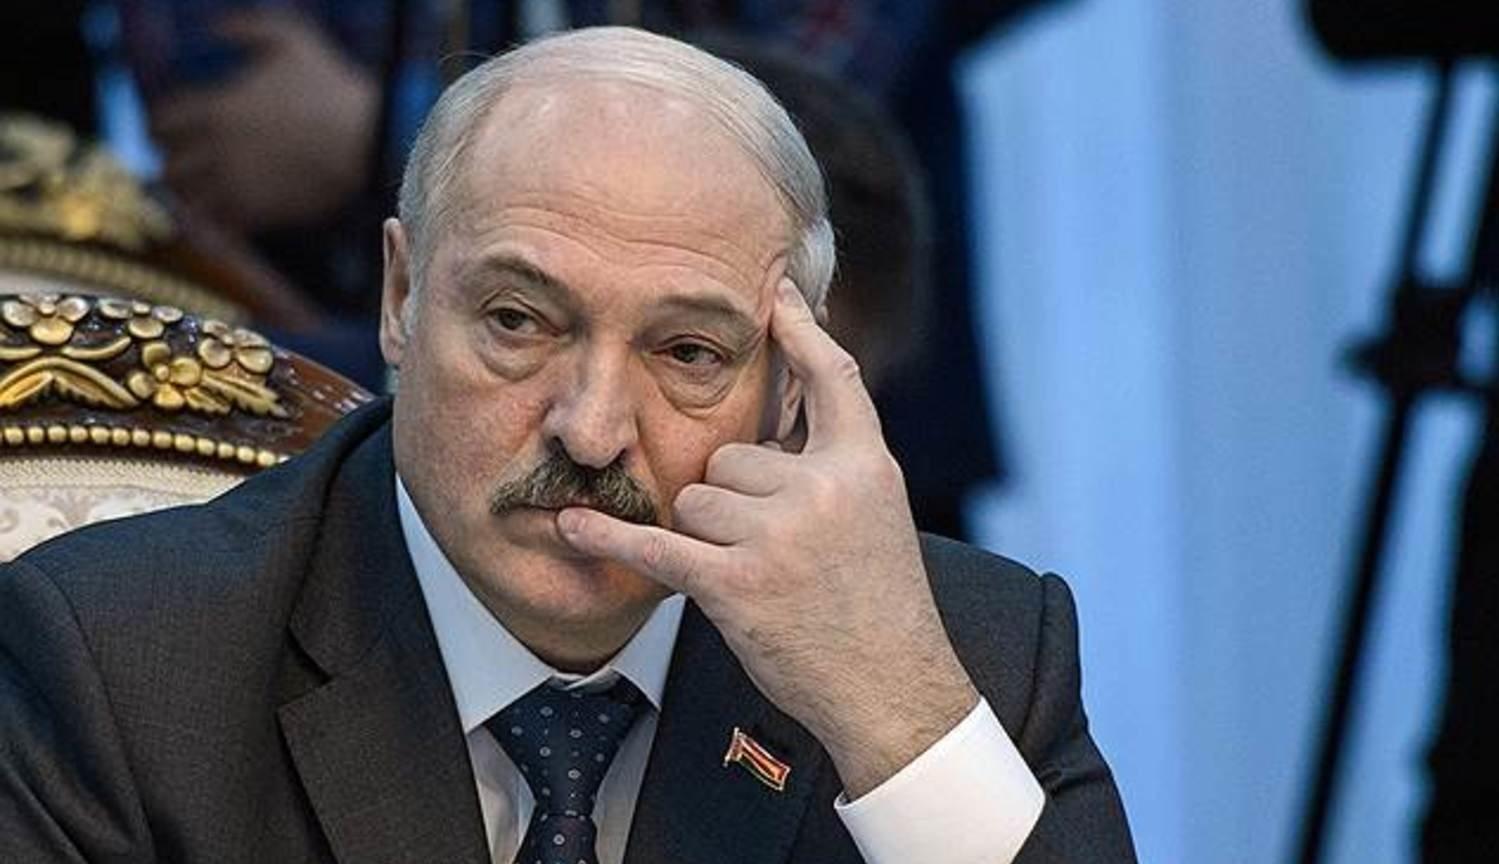 Здароўе Лукашэнкі – таямніца? Магілёвец не змог даведацца, наколькі дзеяздольны дзейны прэзідэнт Беларусі